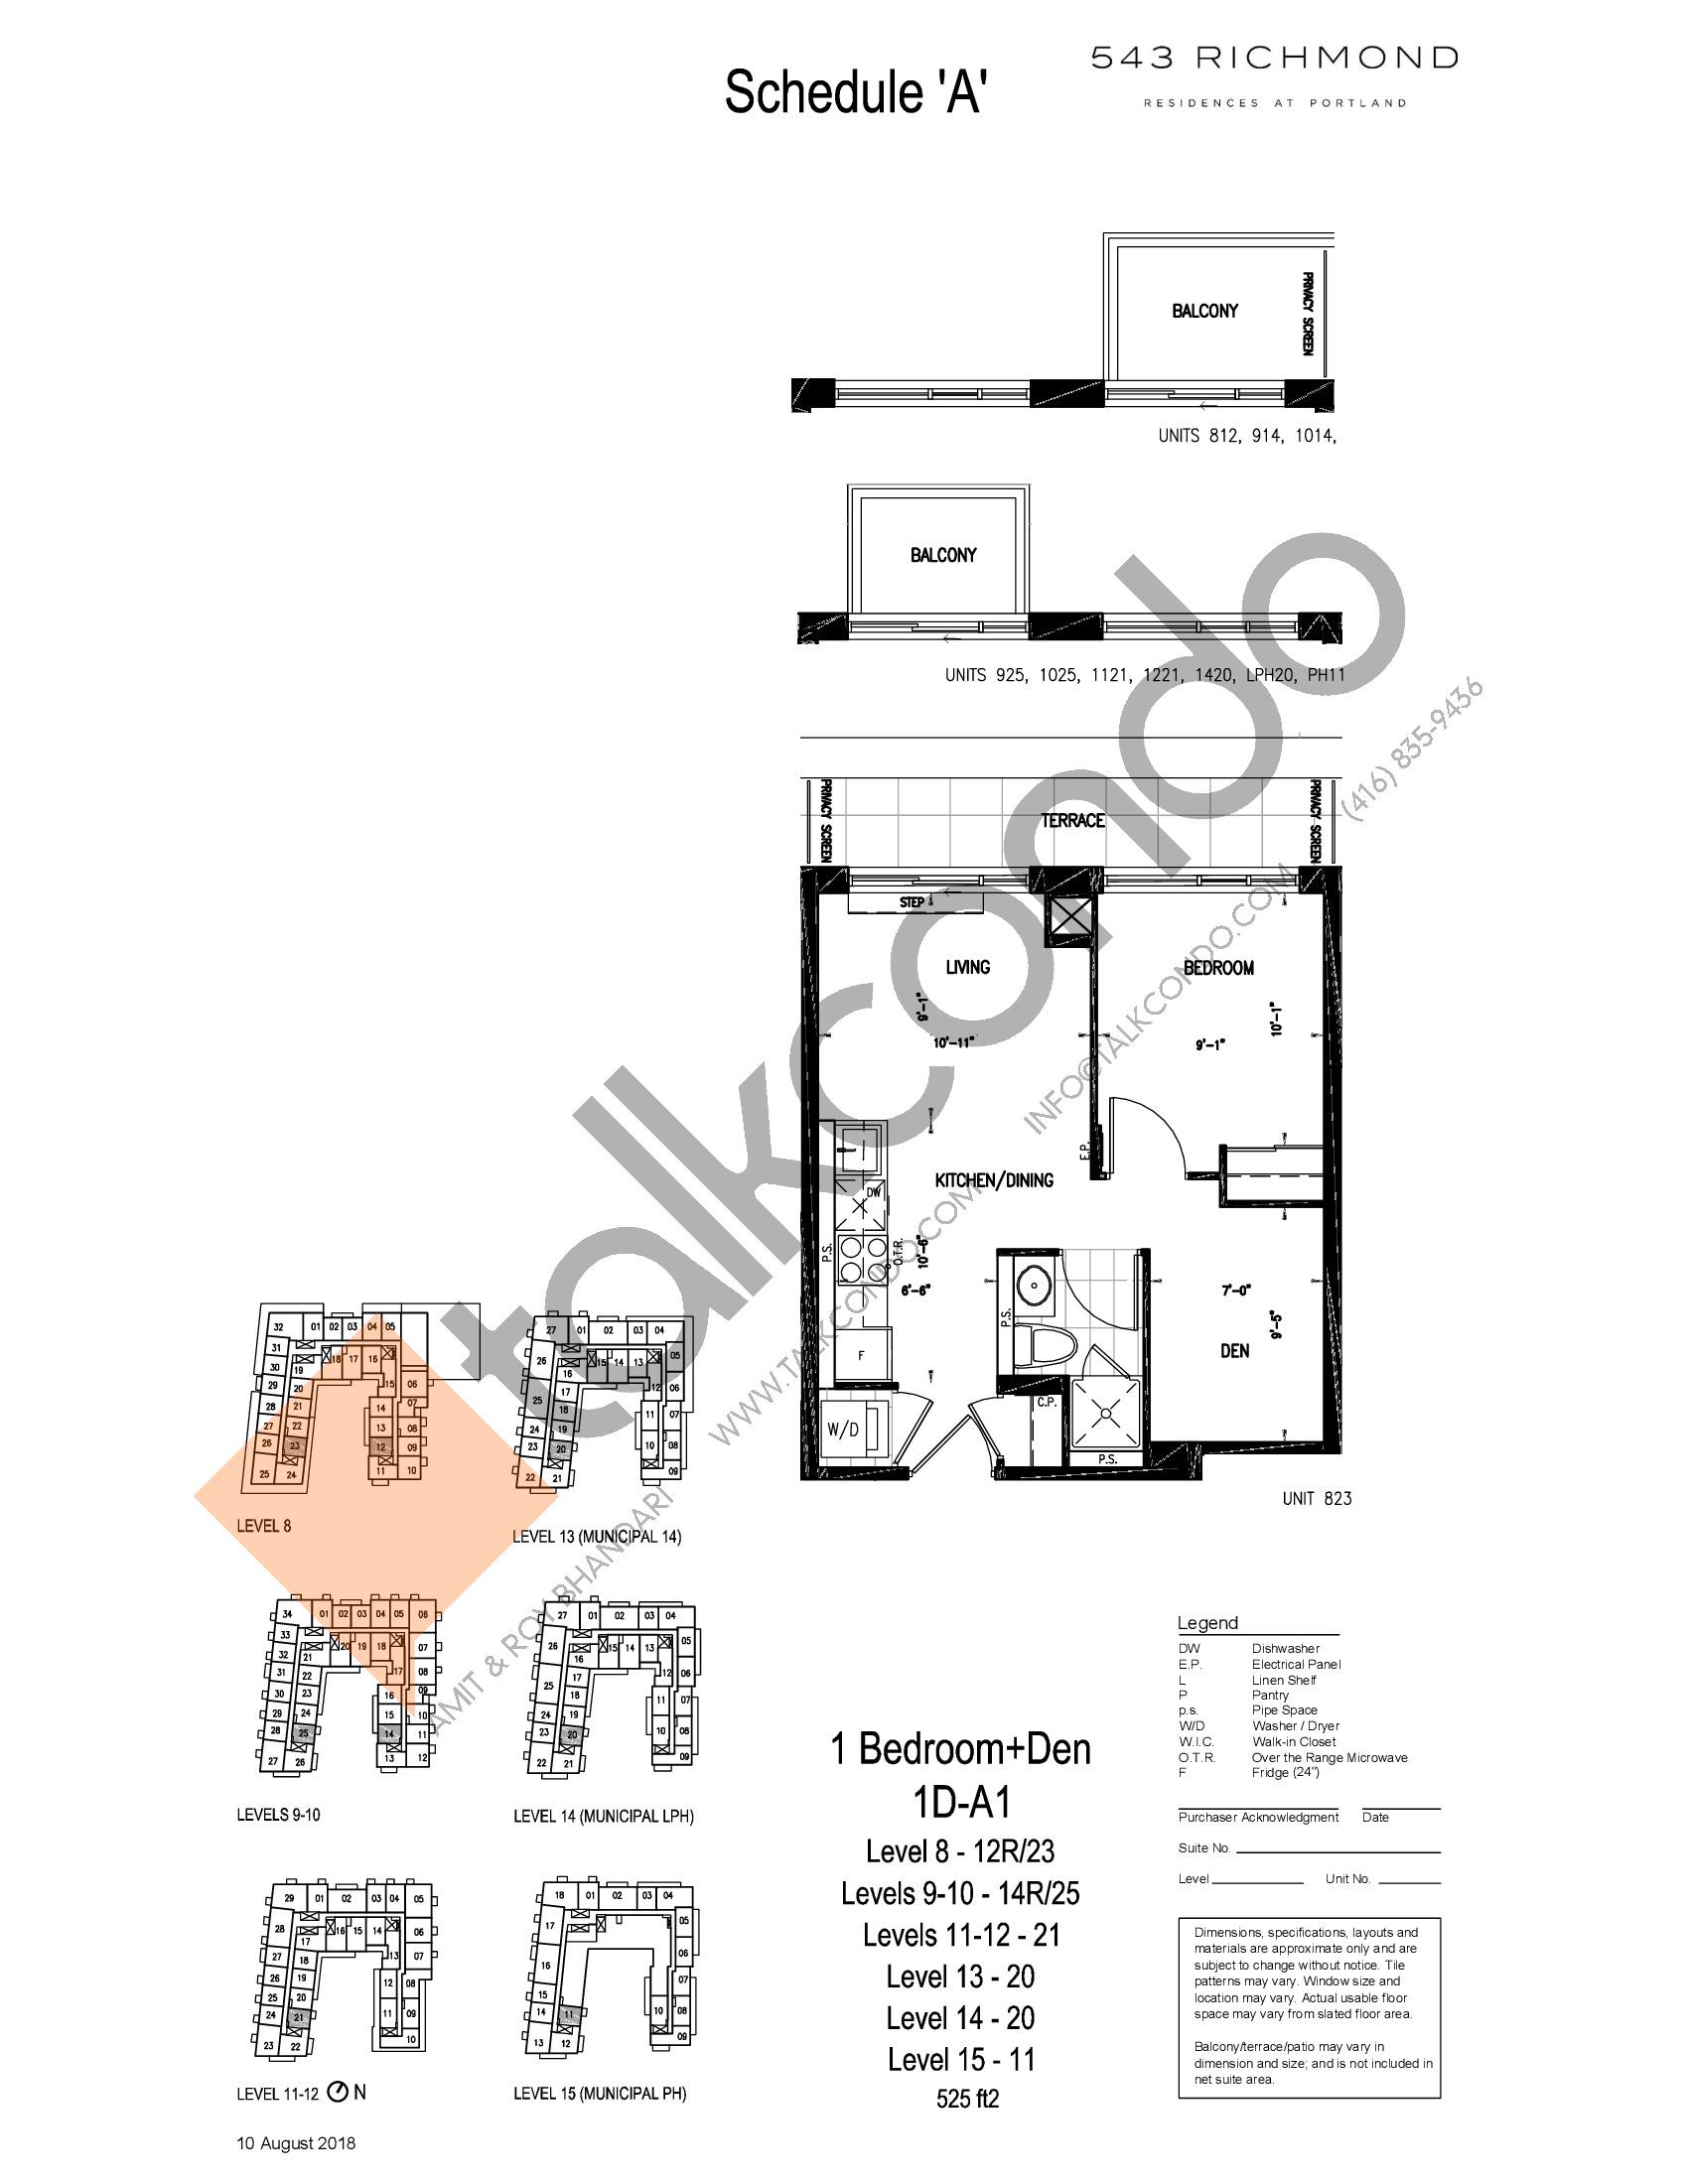 1D-A1 Floor Plan at 543 Richmond St Condos - 525 sq.ft